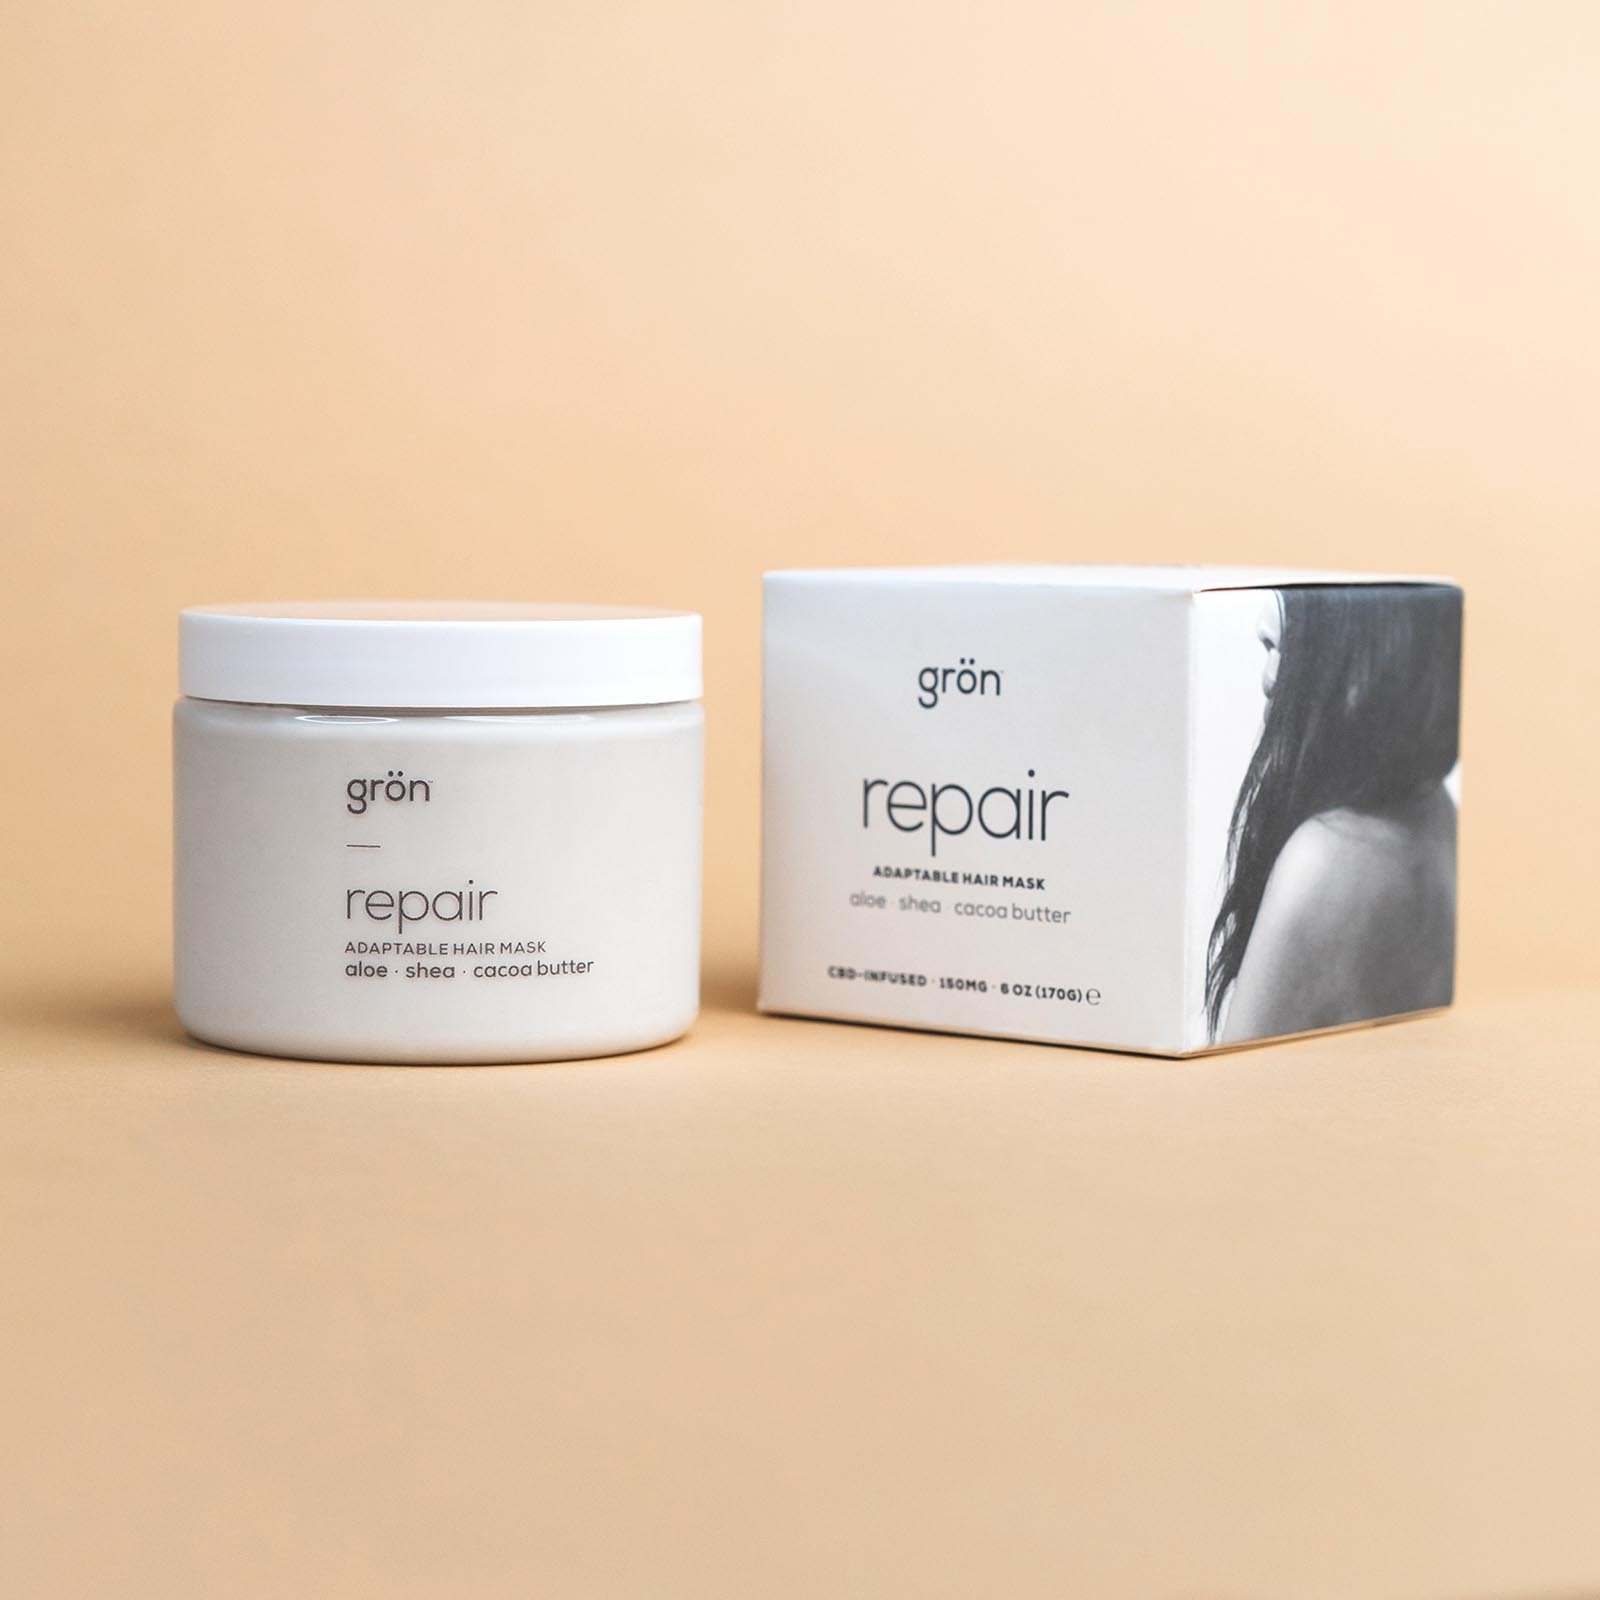 グロン ヘア マスク /repair: adaptable hair mask